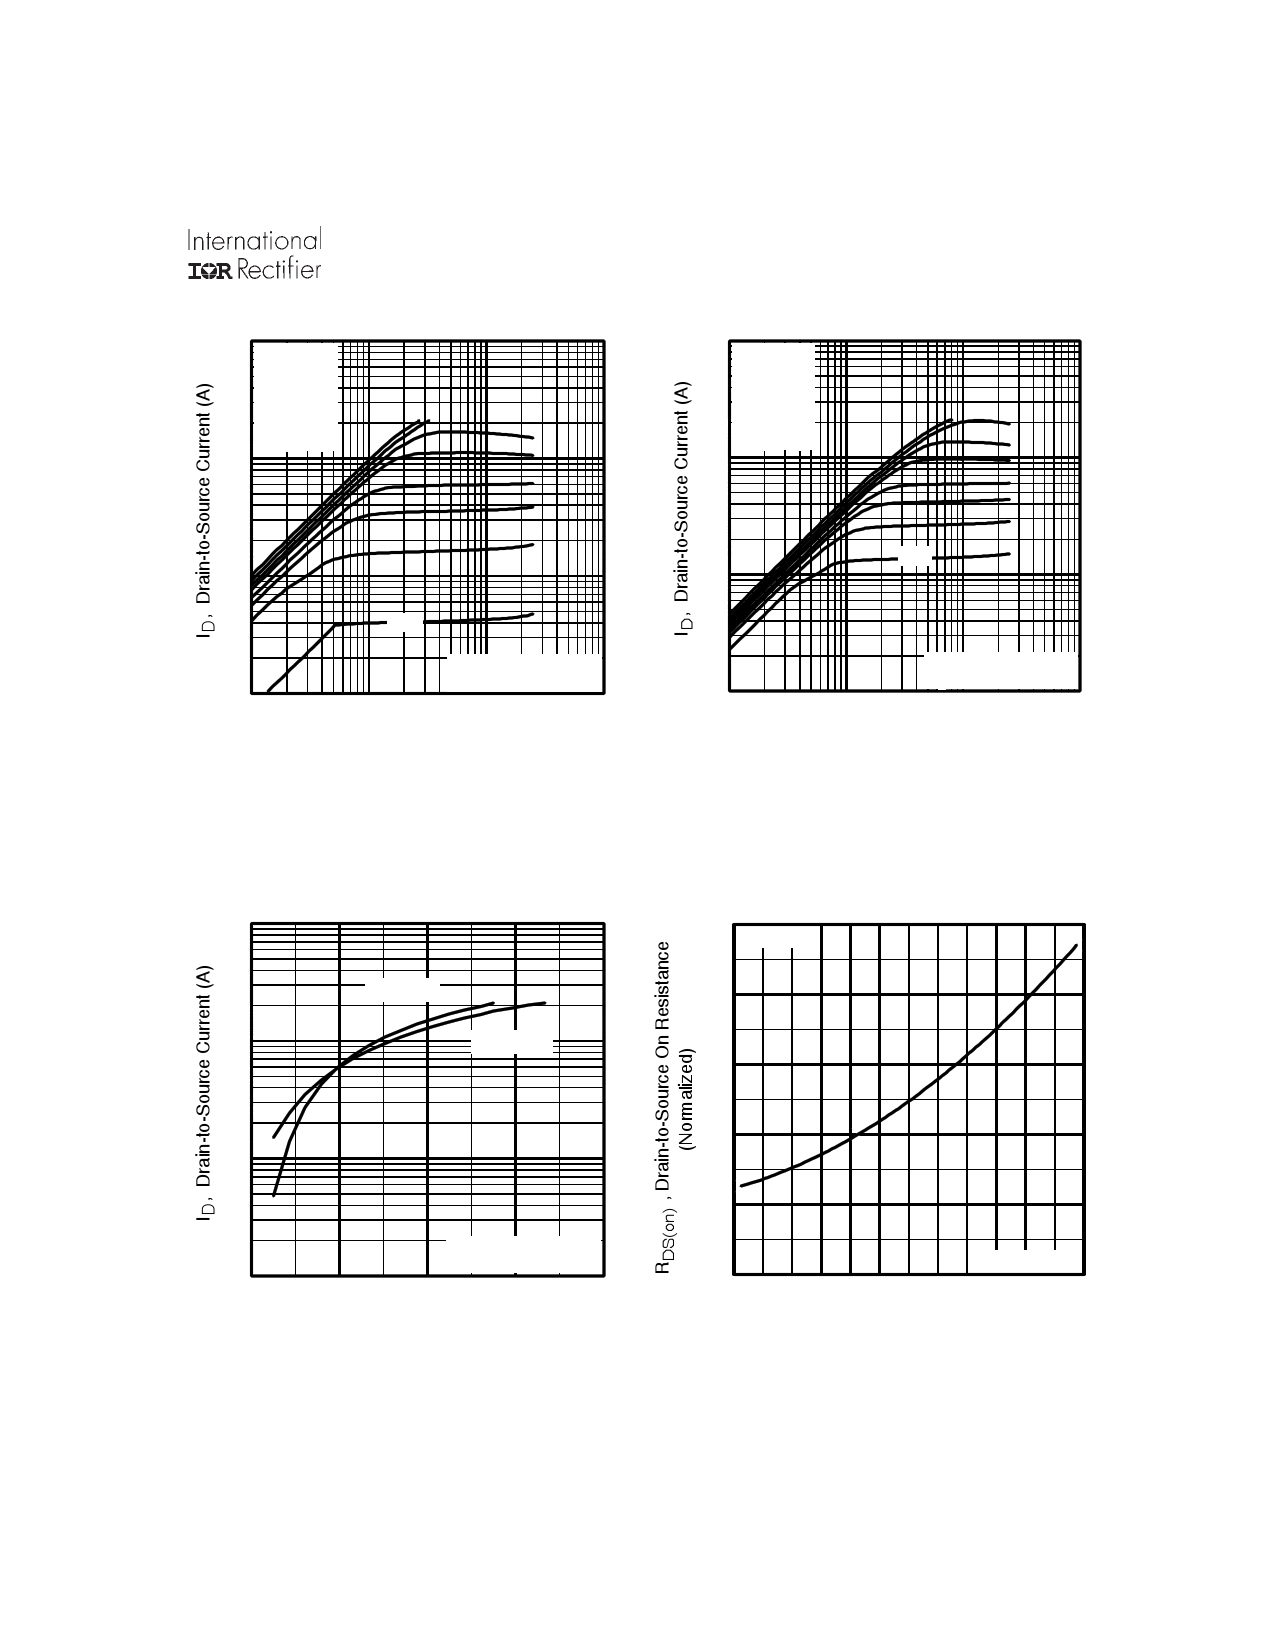 IRFZ48NPBF pdf, ピン配列